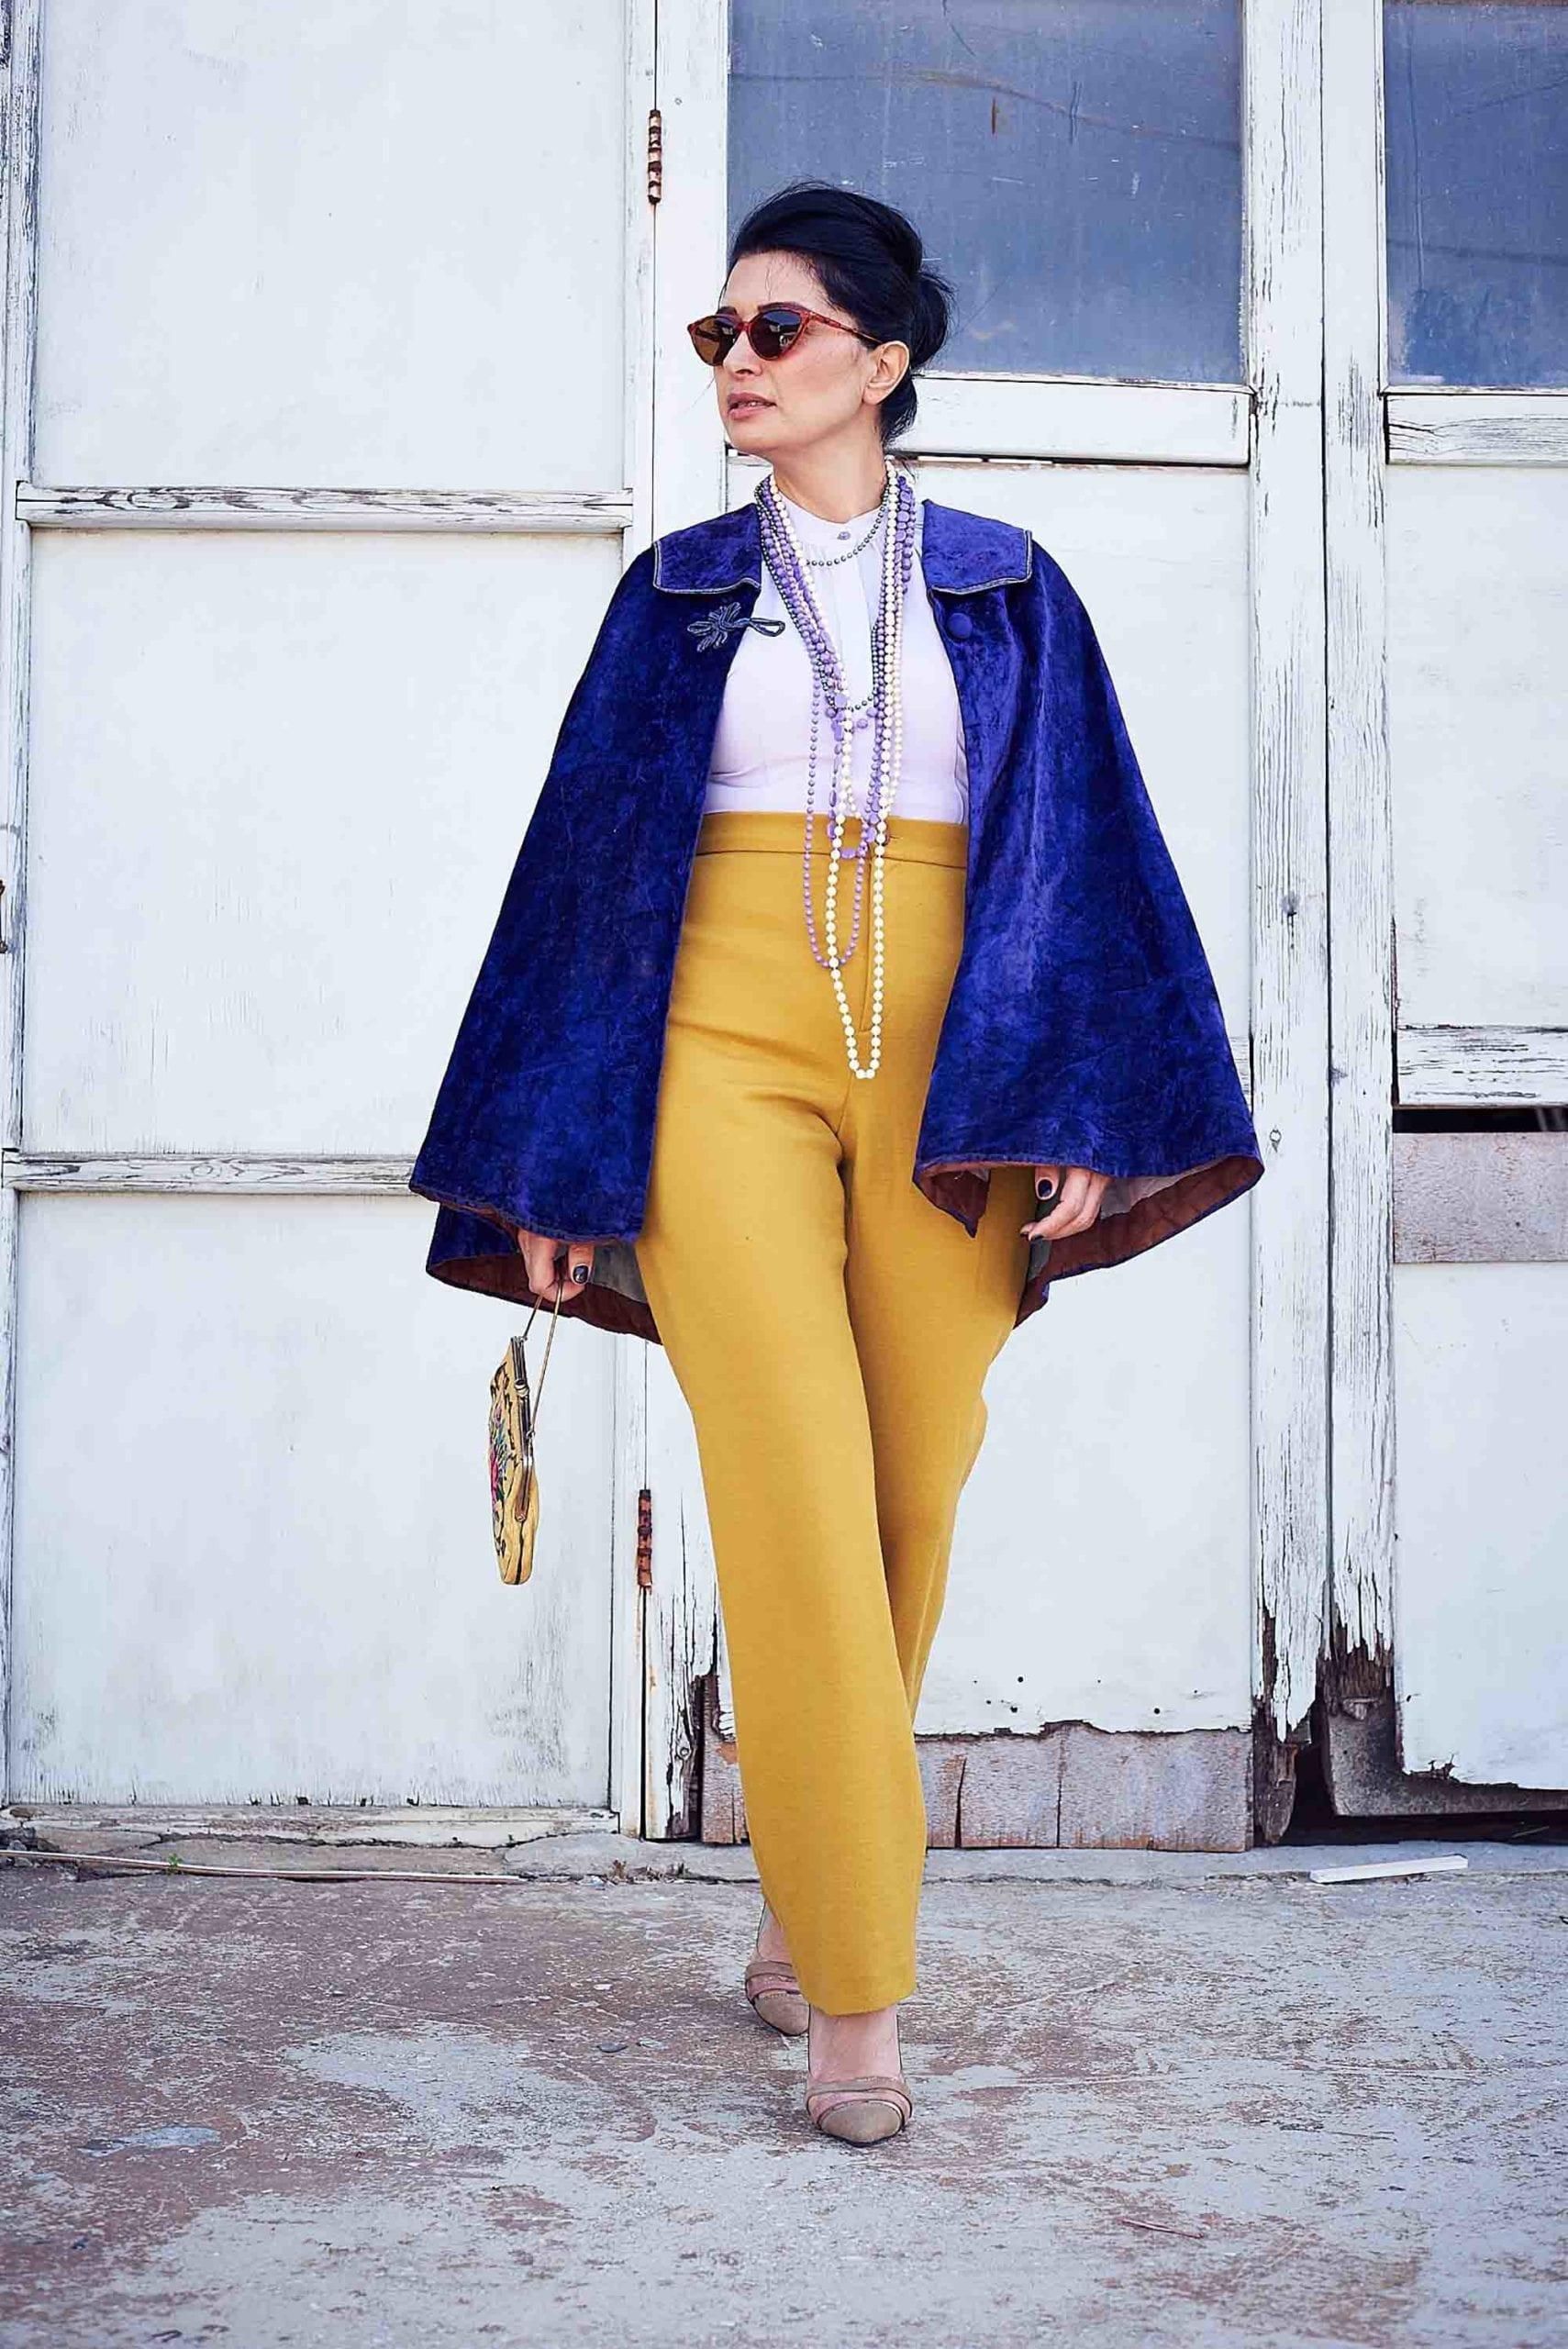 שכמייה, מאיה אושרי כהן, kim kandler, מגזין אופנה ישראלי - 5